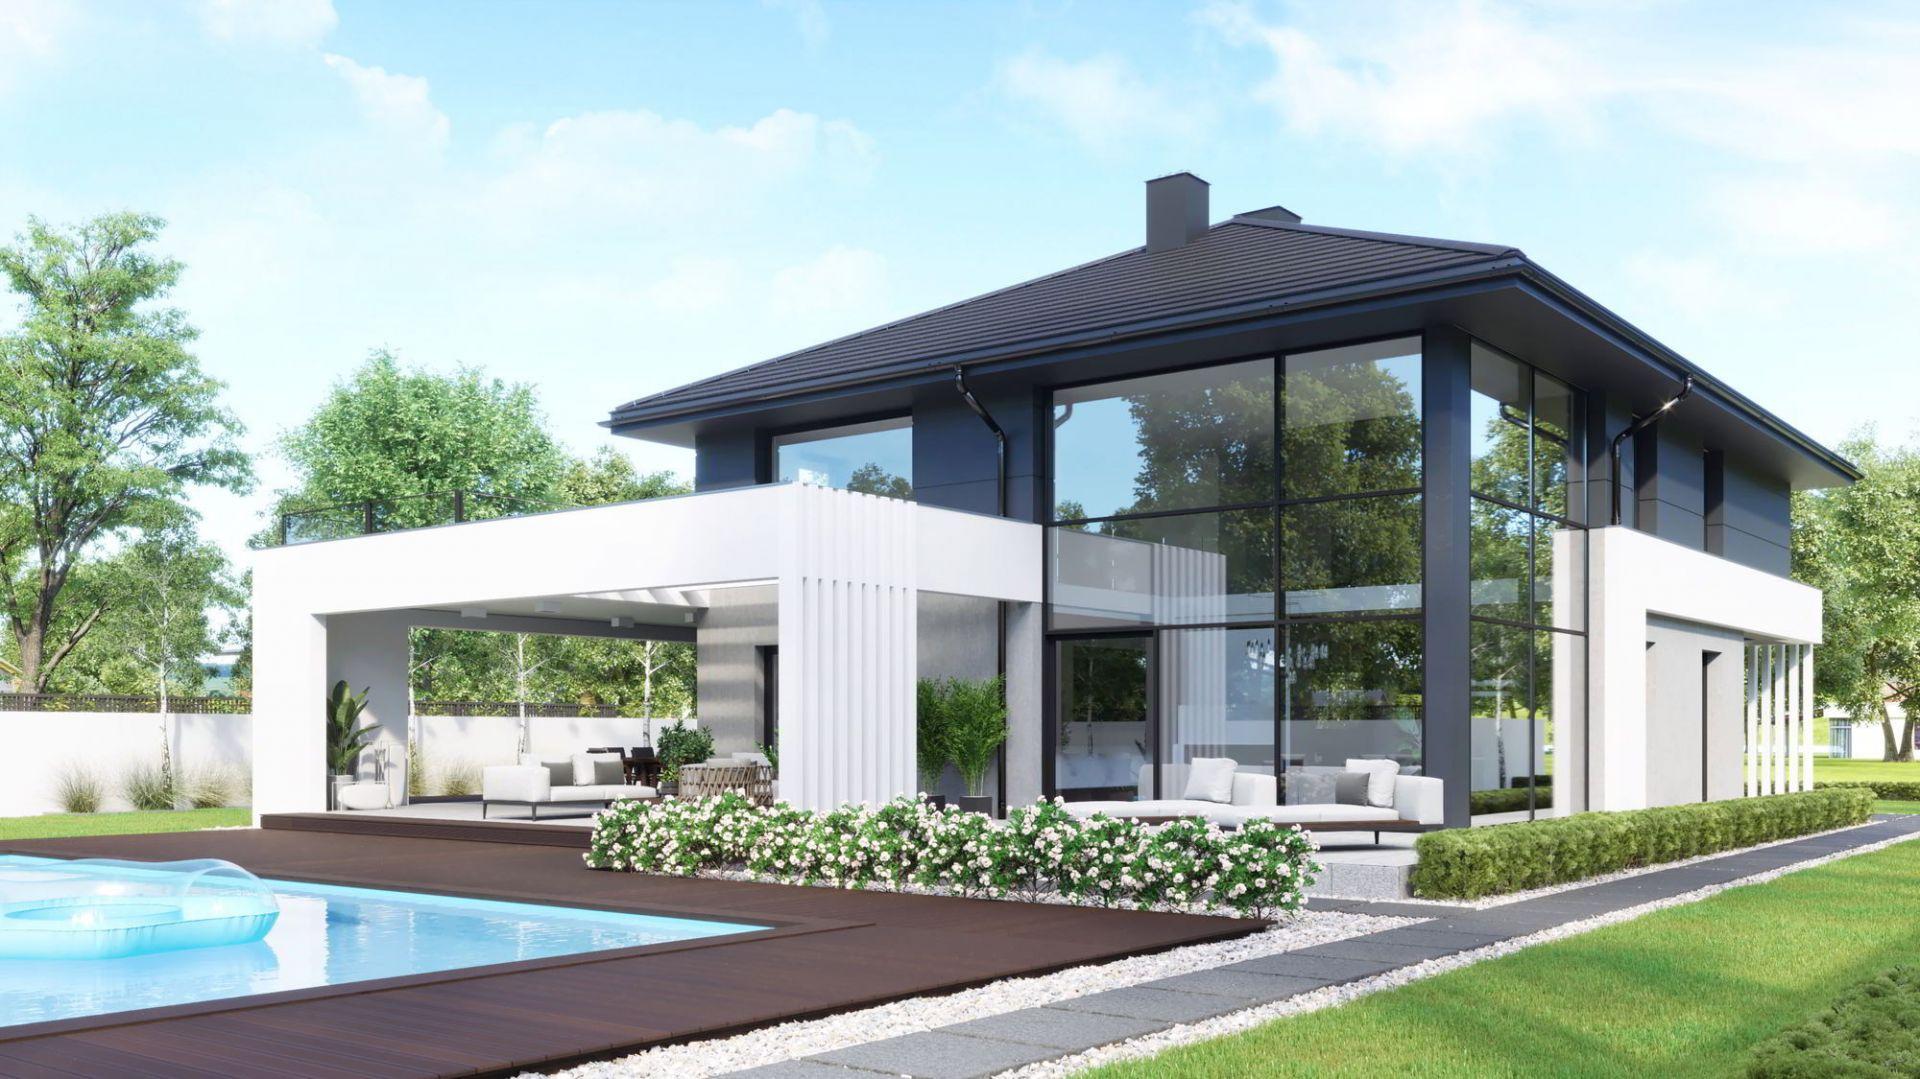 Z zewnątrz dom przyciąga uwagę doskonale zaaranżowaną, ponadczasową elewacją.Dom HomeKONCEPT 60. Opracowanie projektu i zdjęcia: Pracownia HomeKONCEPT